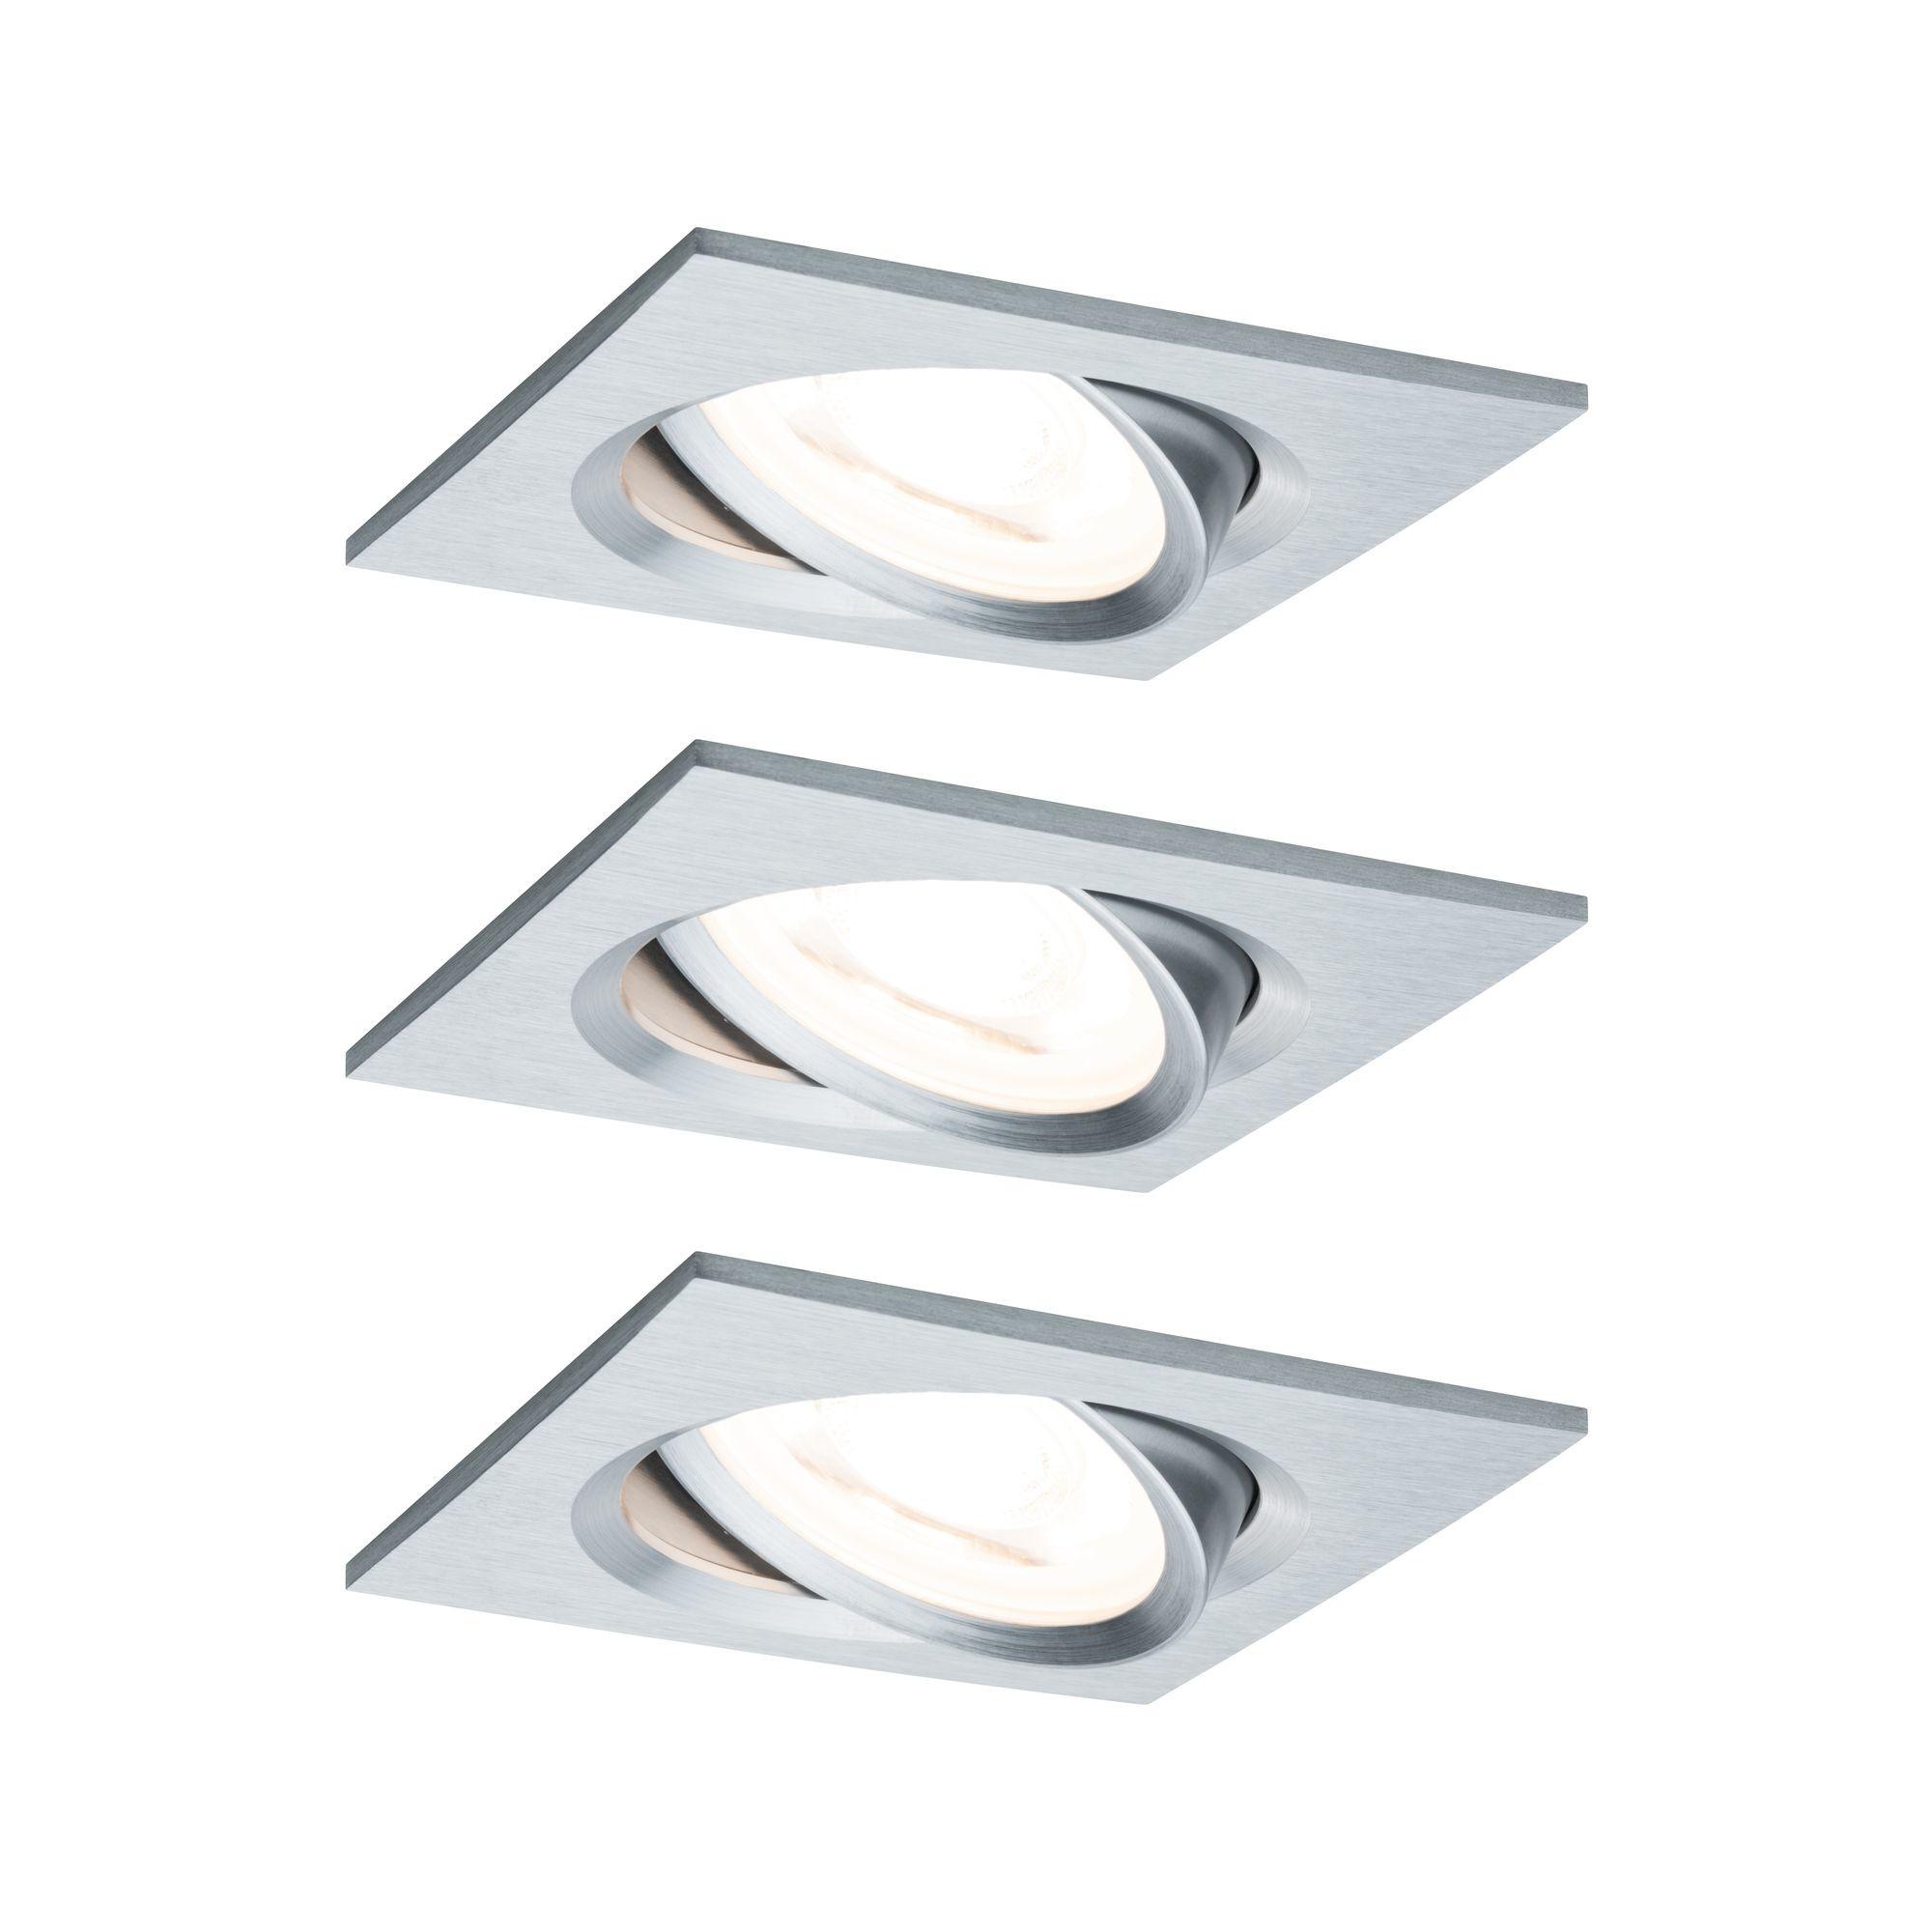 Paulmann EBL Set Nova eckig schw LED 3-stepdim3x6,5W 230V GU10 51mm Alu ged/Alu